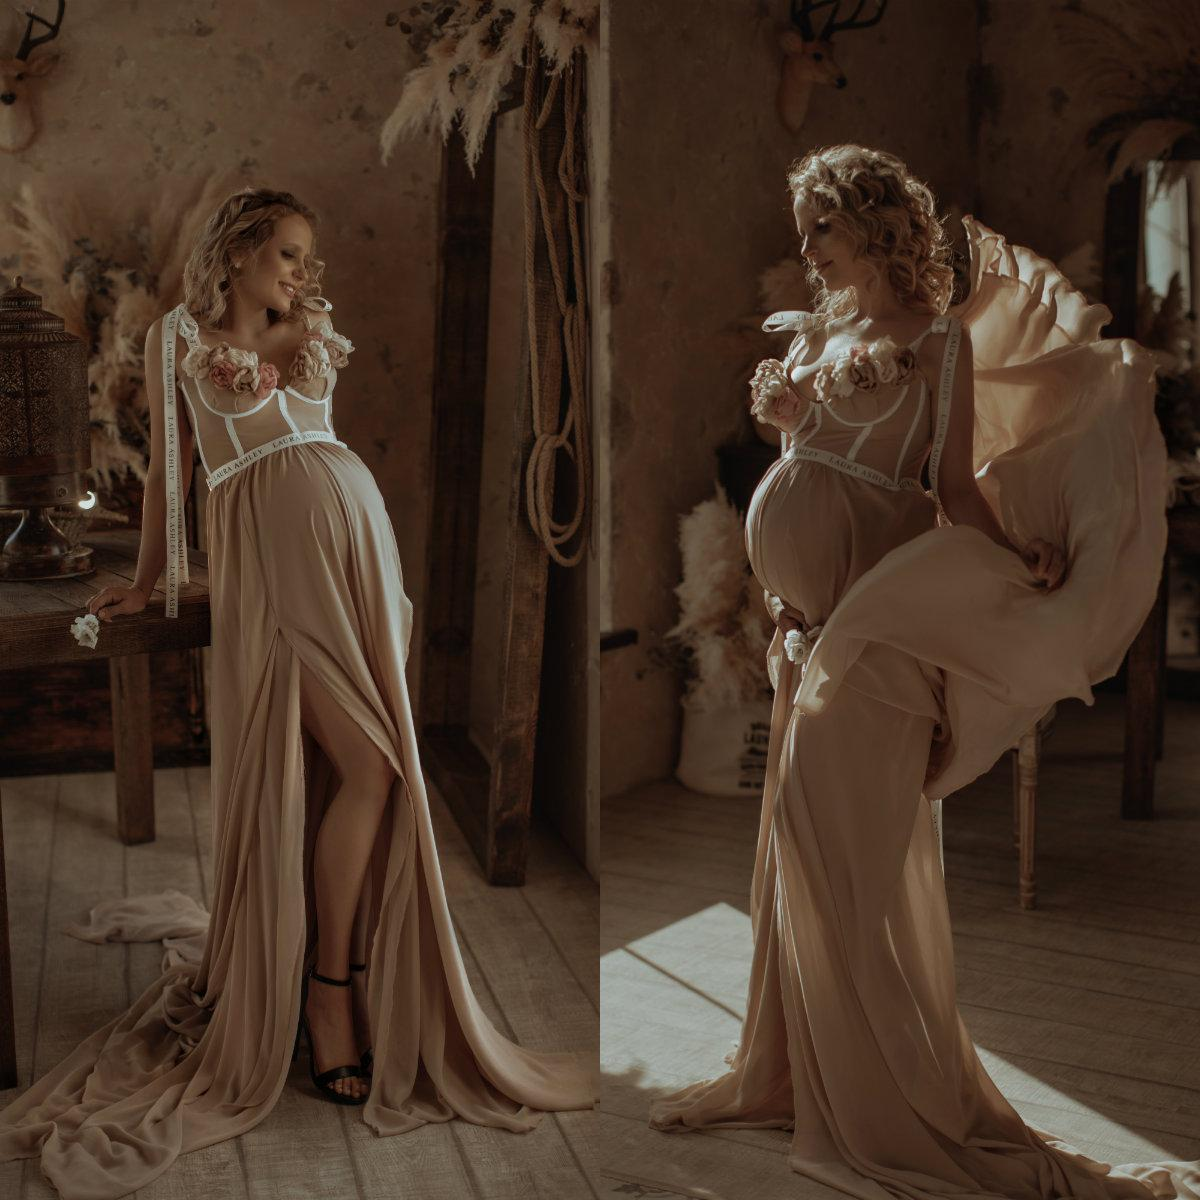 Champagne maternité Robes en mousseline de soie robe de mariée de Split Boudoir de nuit Peignoirs Nightgowns robe photo Props Shoot